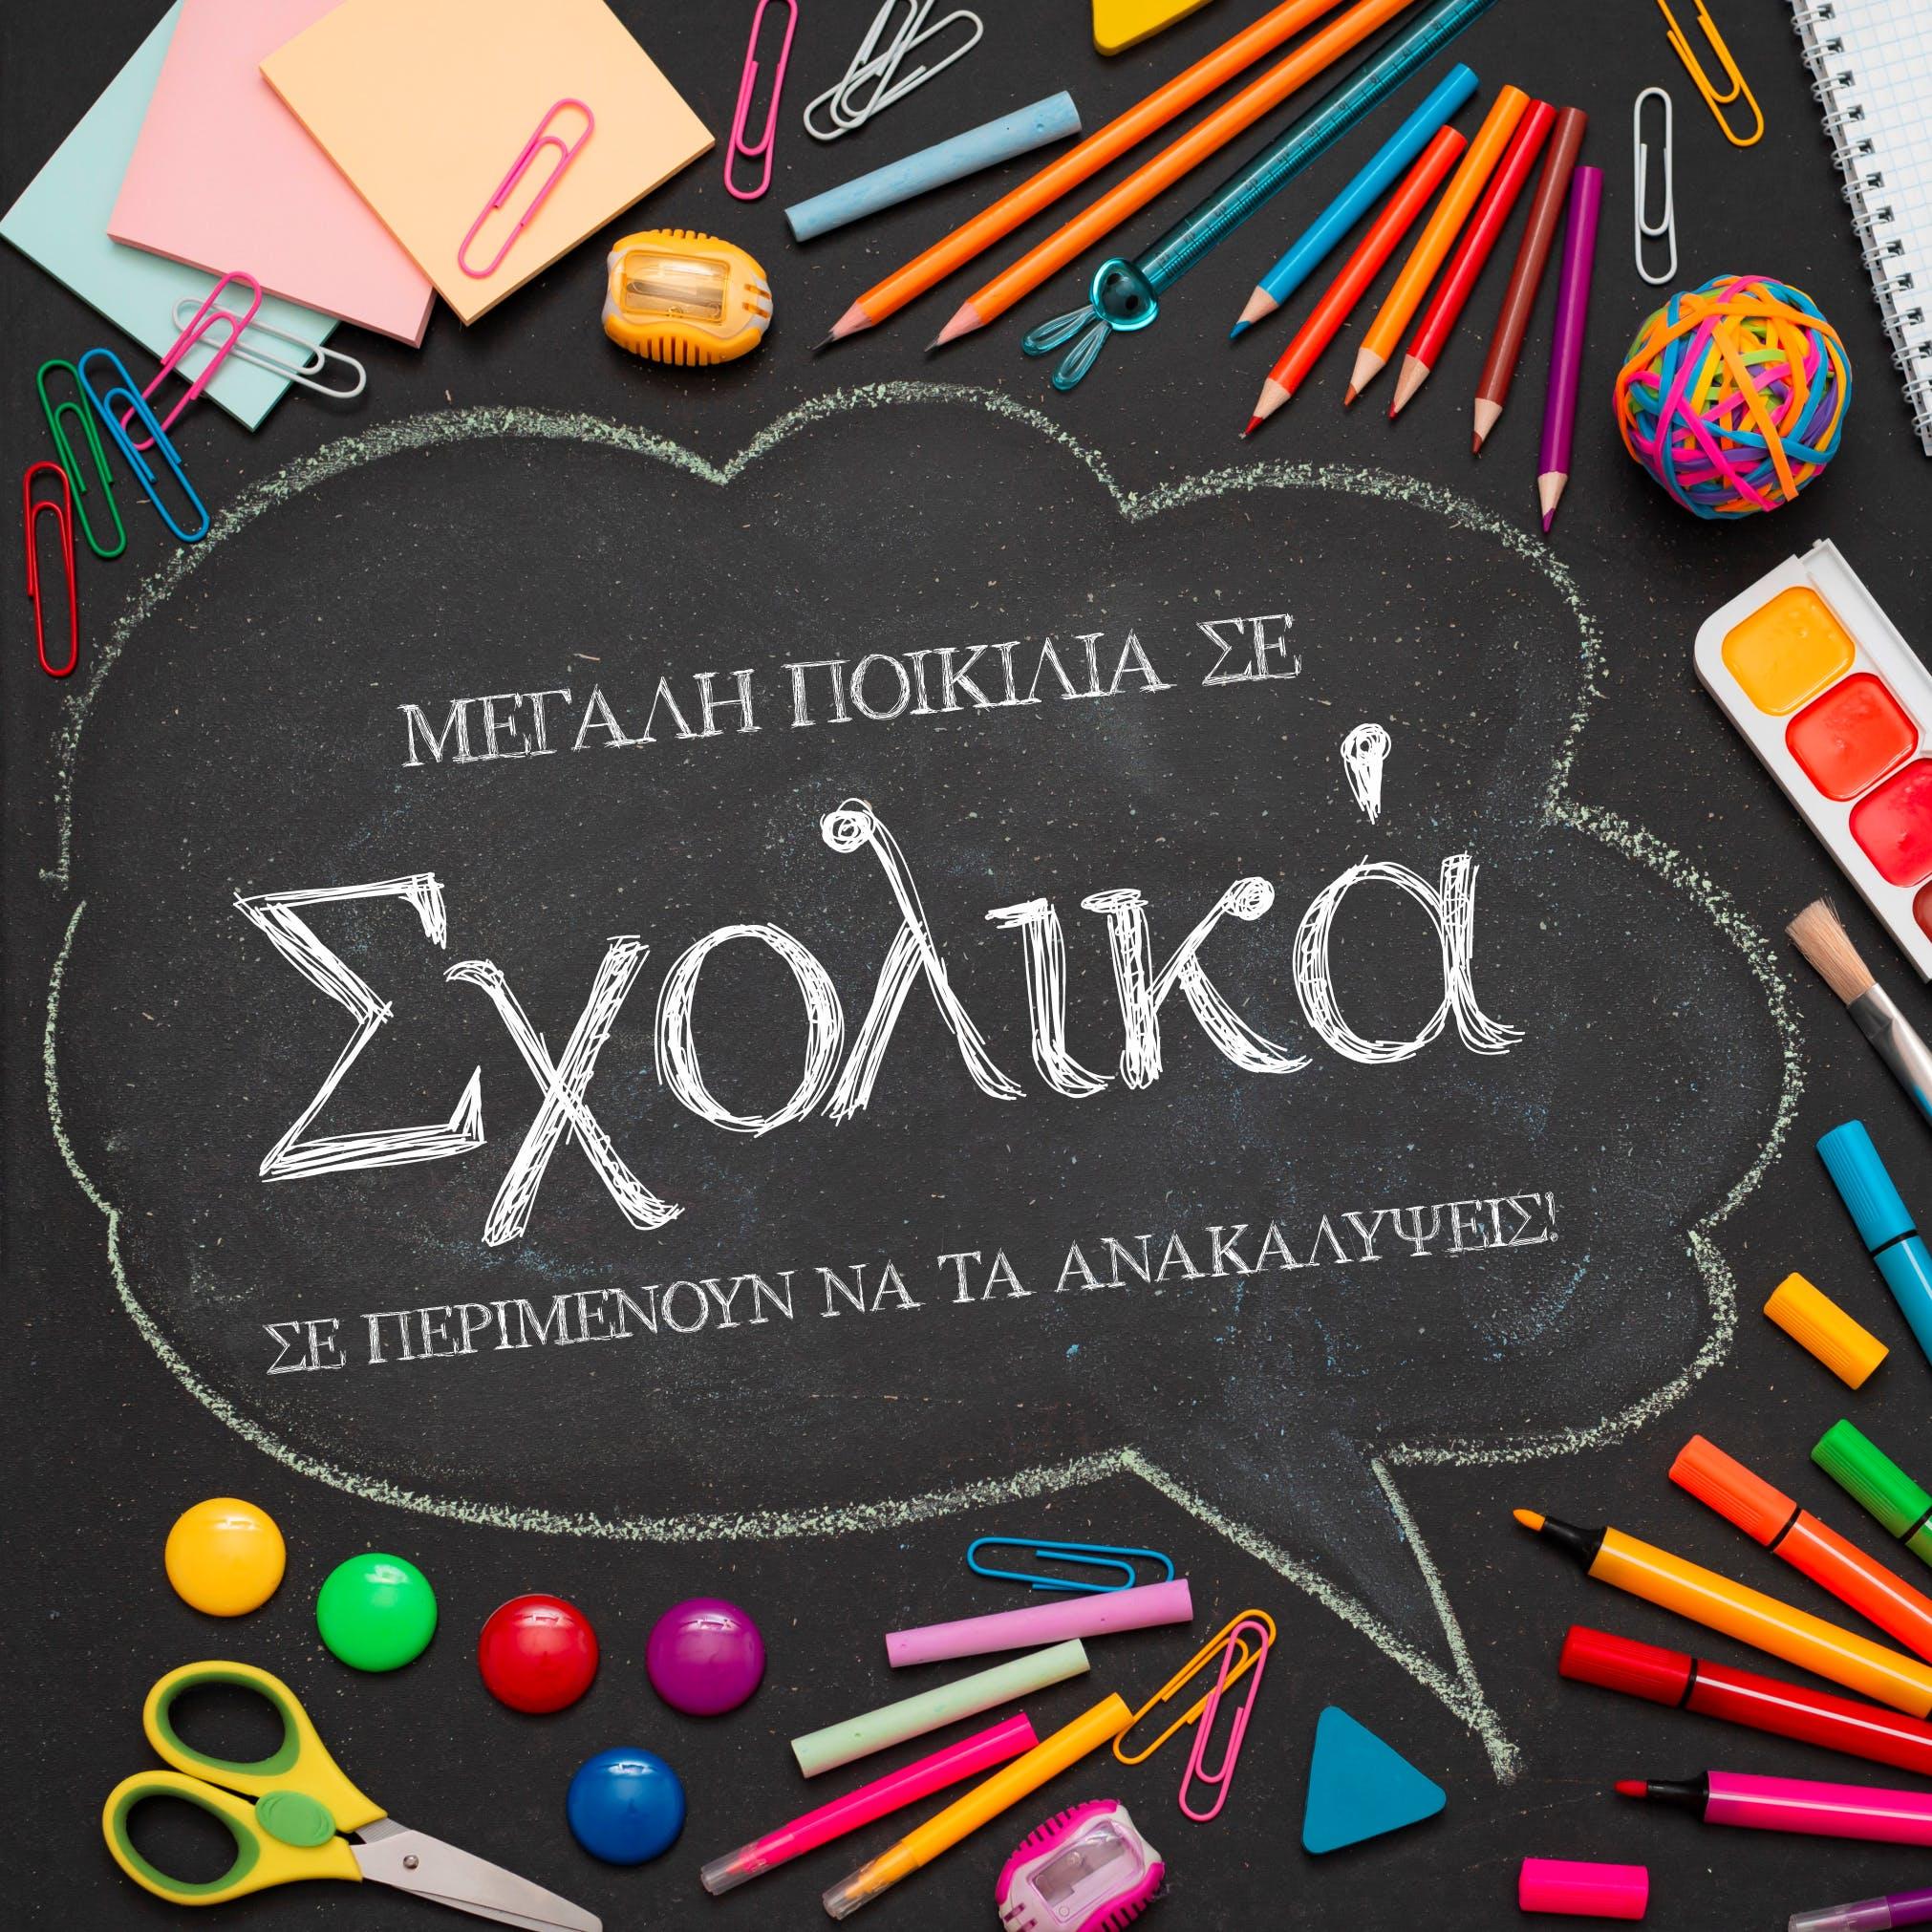 Σχολικά